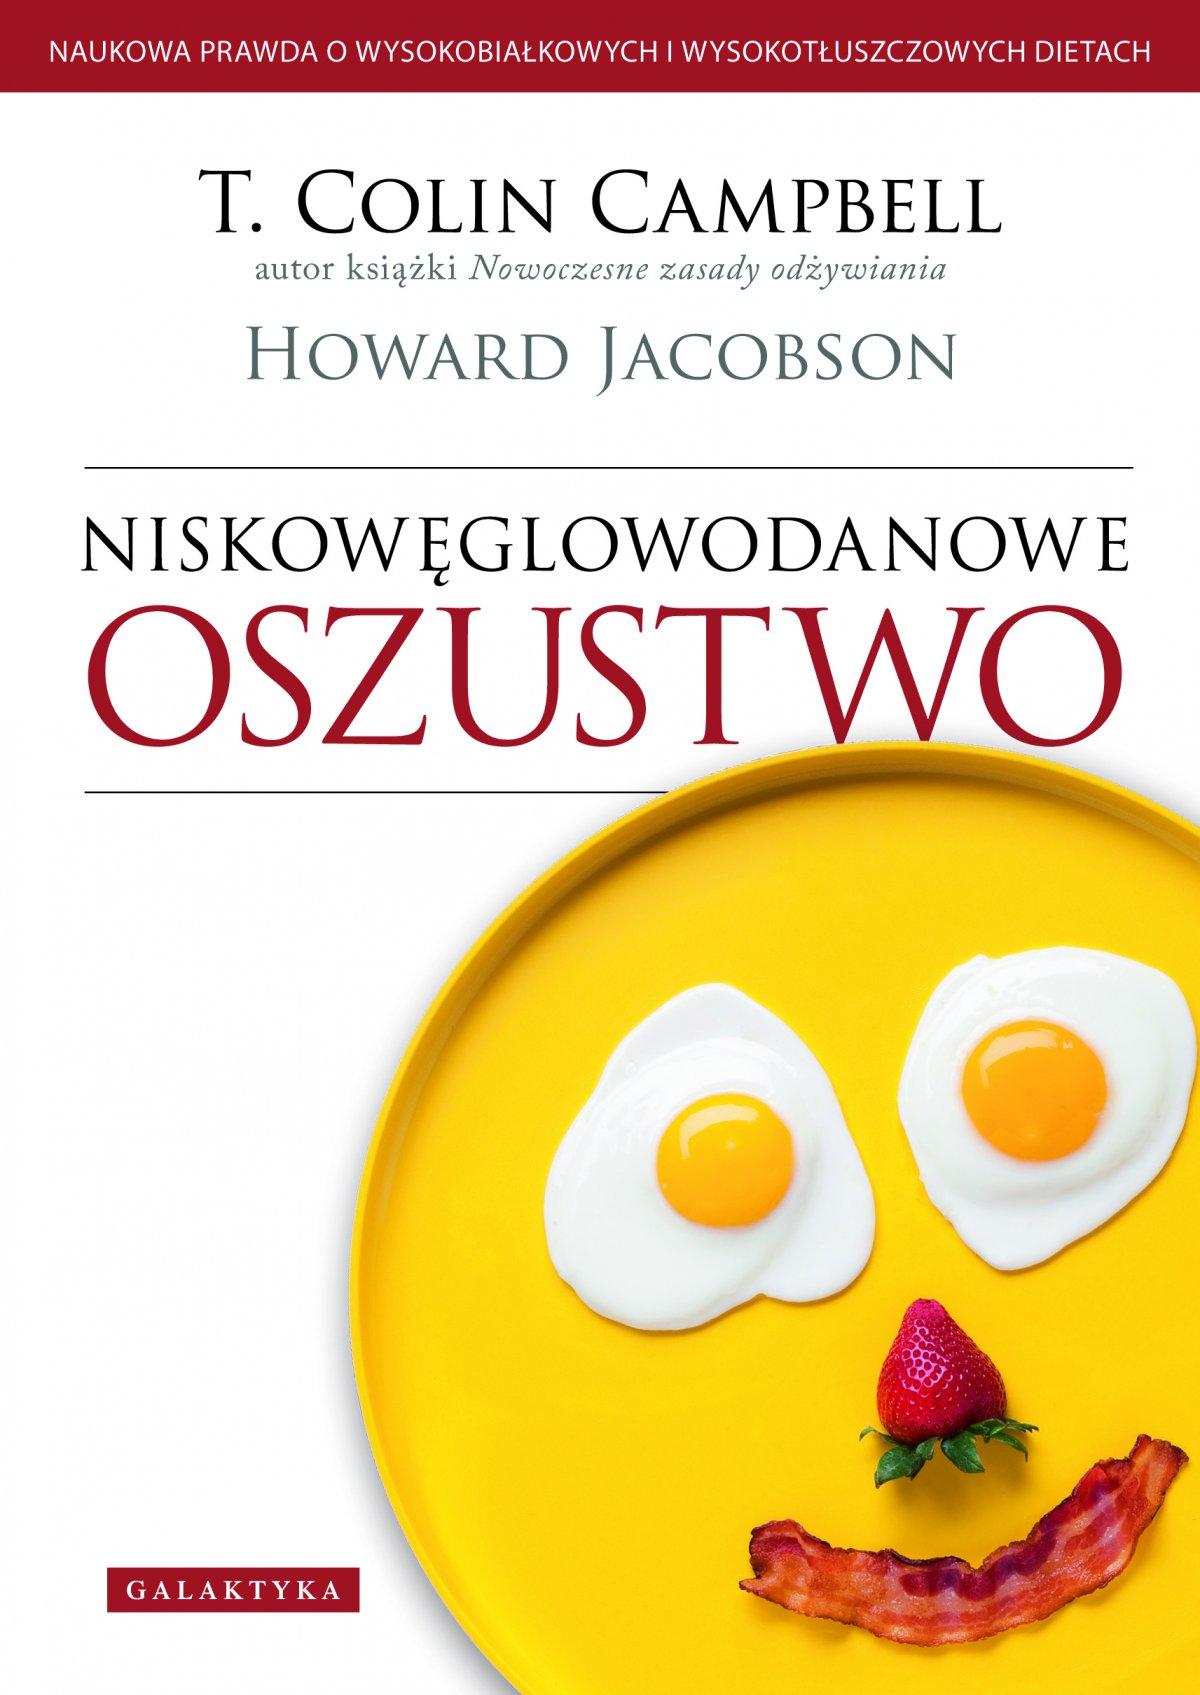 Niskowęglowodanowe oszustwo - Ebook (Książka EPUB) do pobrania w formacie EPUB